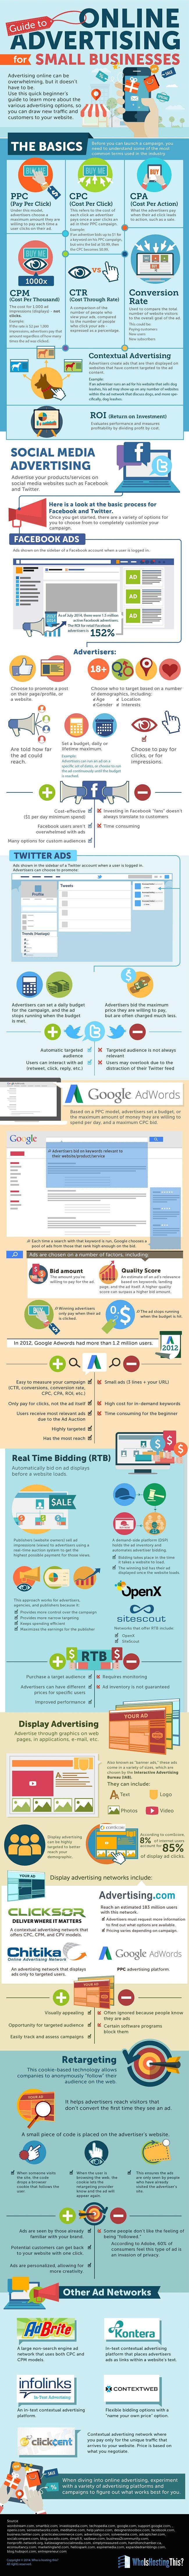 Werbung - Infografik: Leitfaden Online-Advertising für kleine Unternehmen